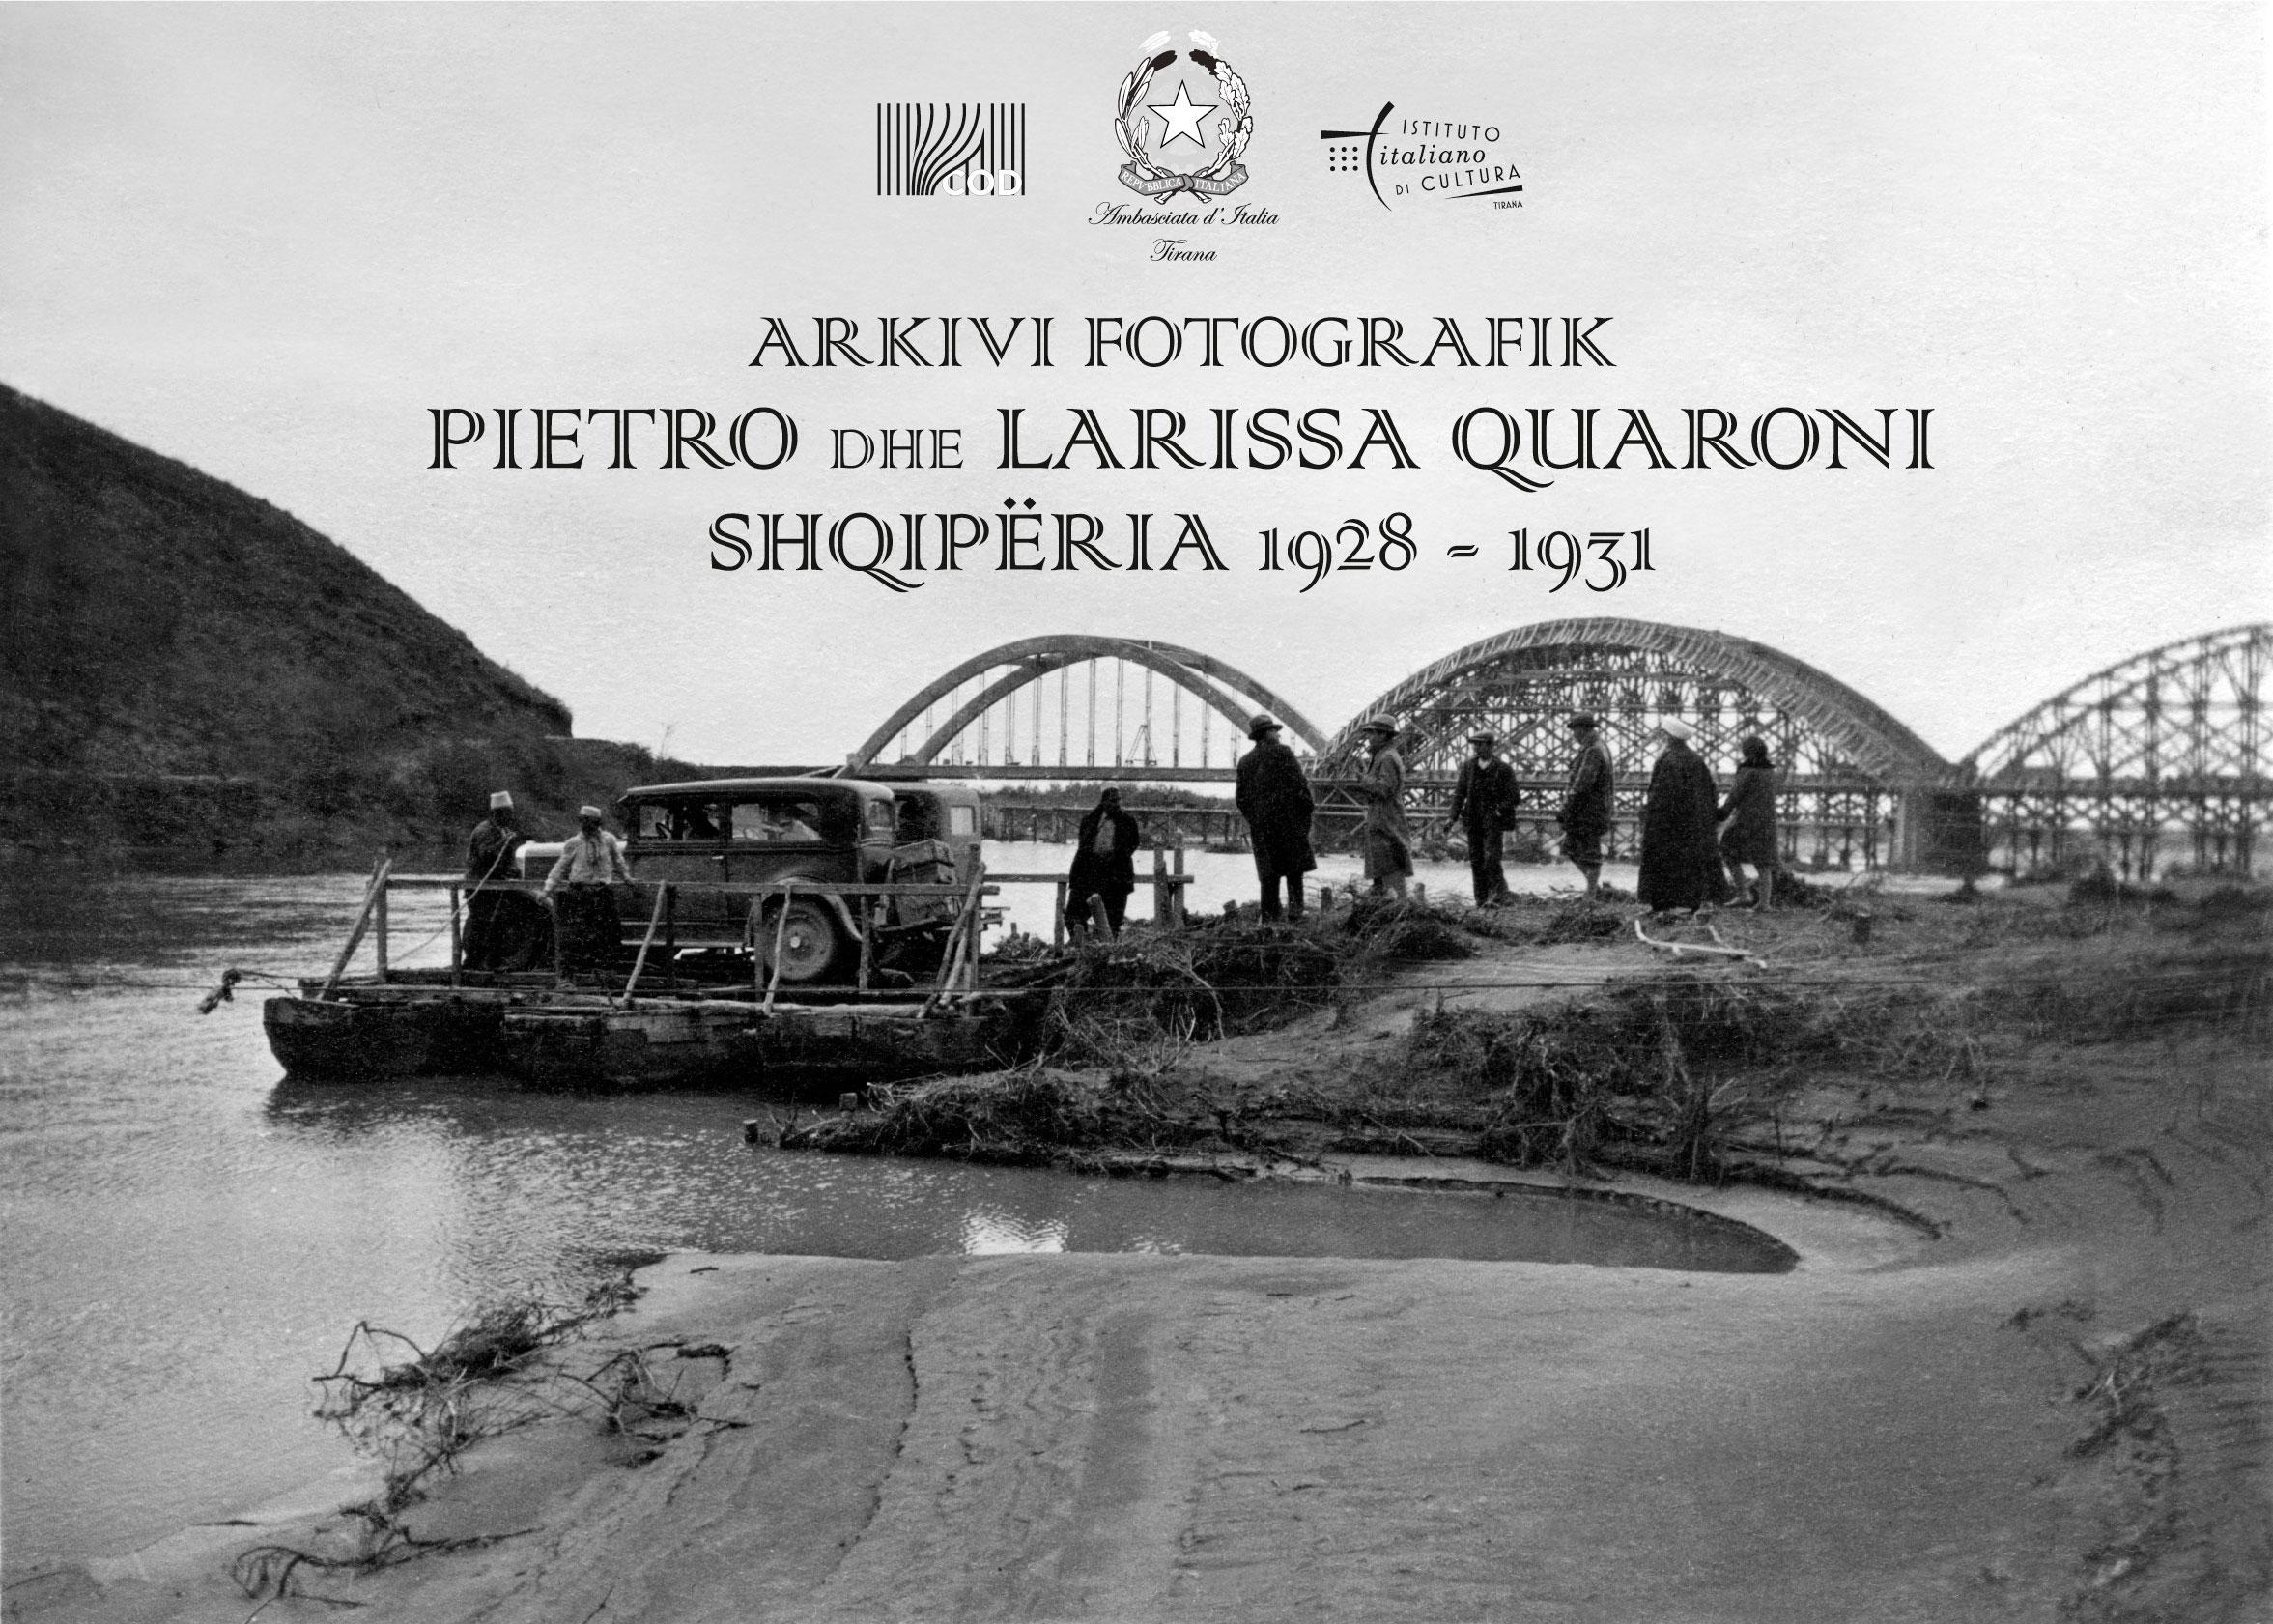 Ekspozitë në COD e Arkivit Fotografik të Pietro e Larissa Quaroni – Shqipëri 1928-1931